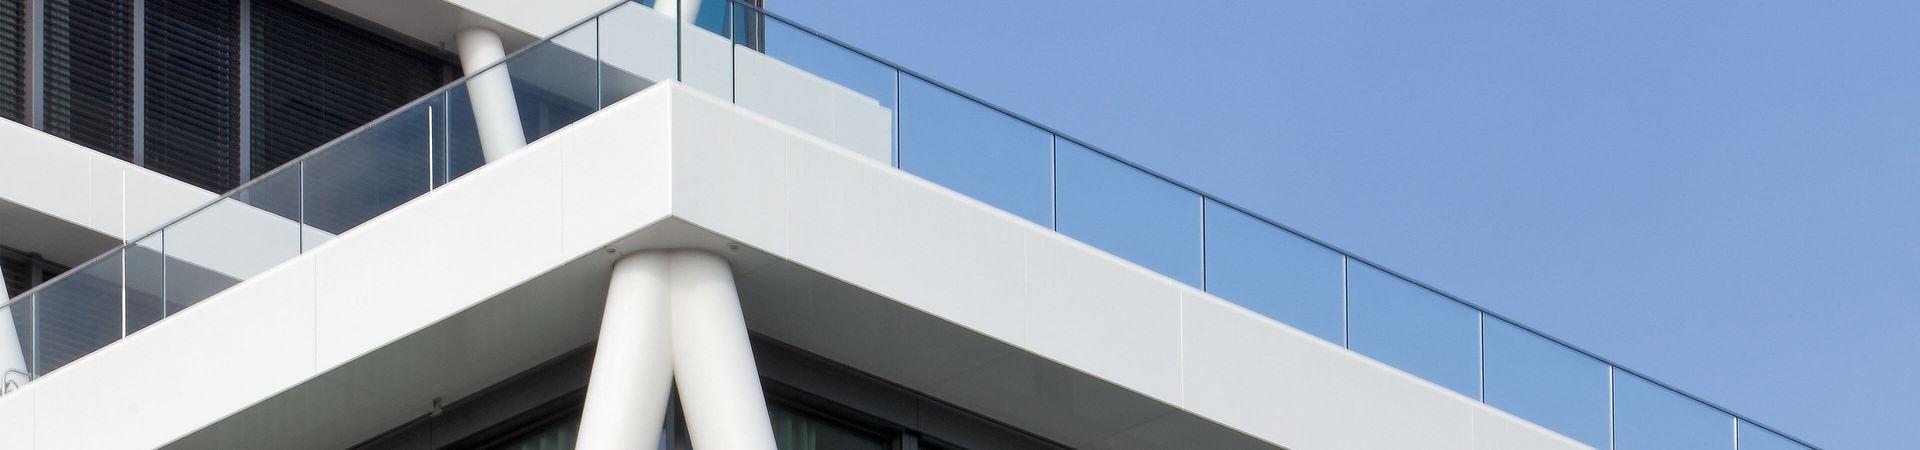 Glasgeländer Balardo core - Refereznzbau